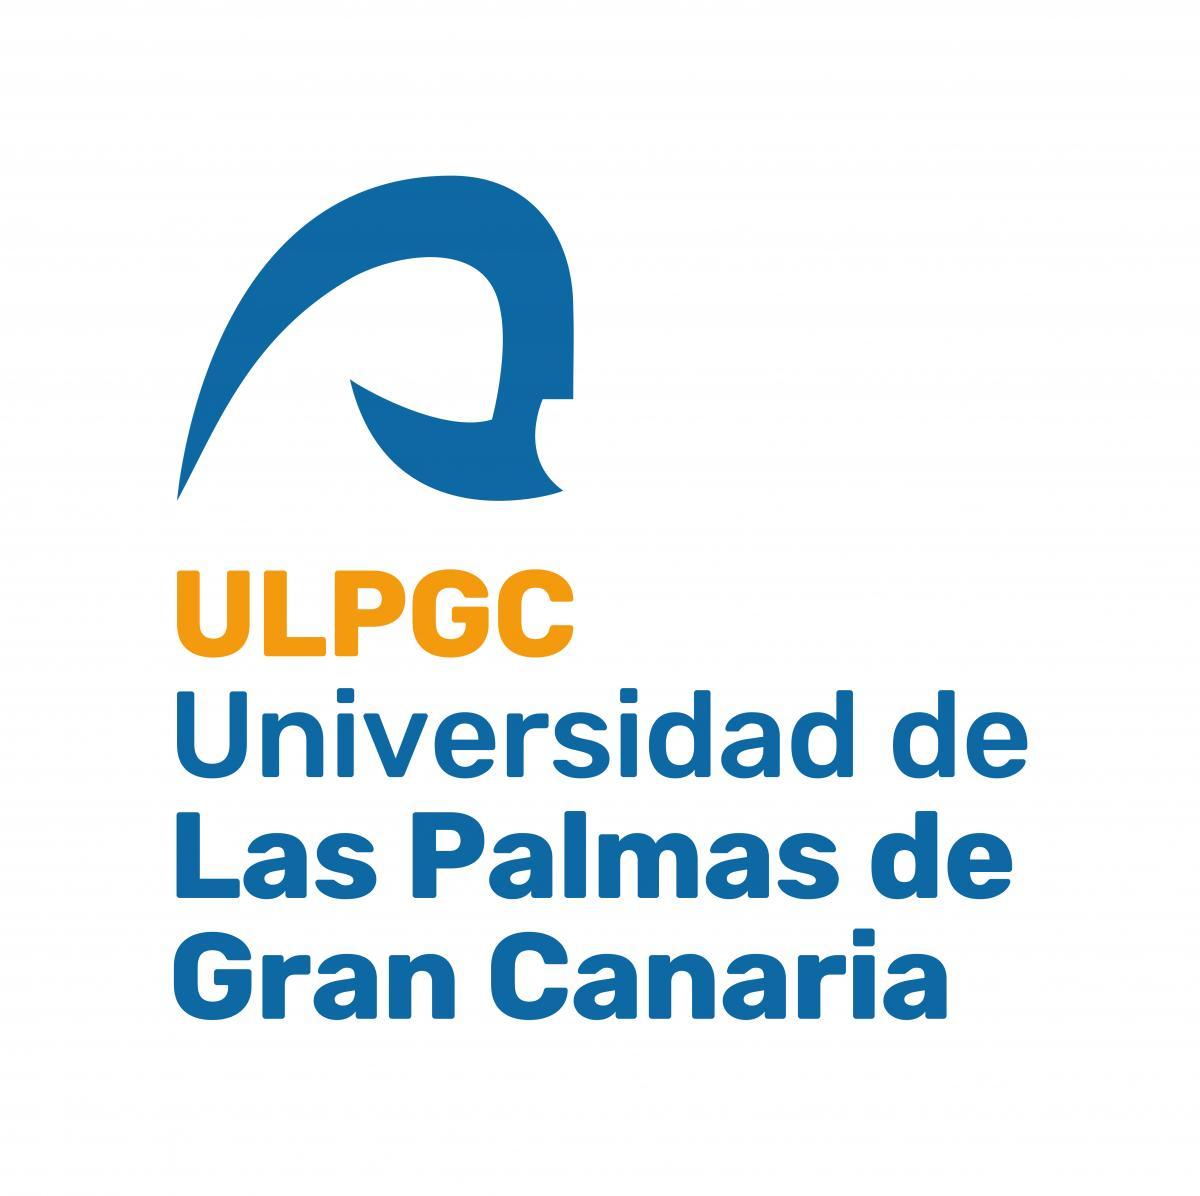 Universidad de Las Palmas de Gran Canaria - nexa